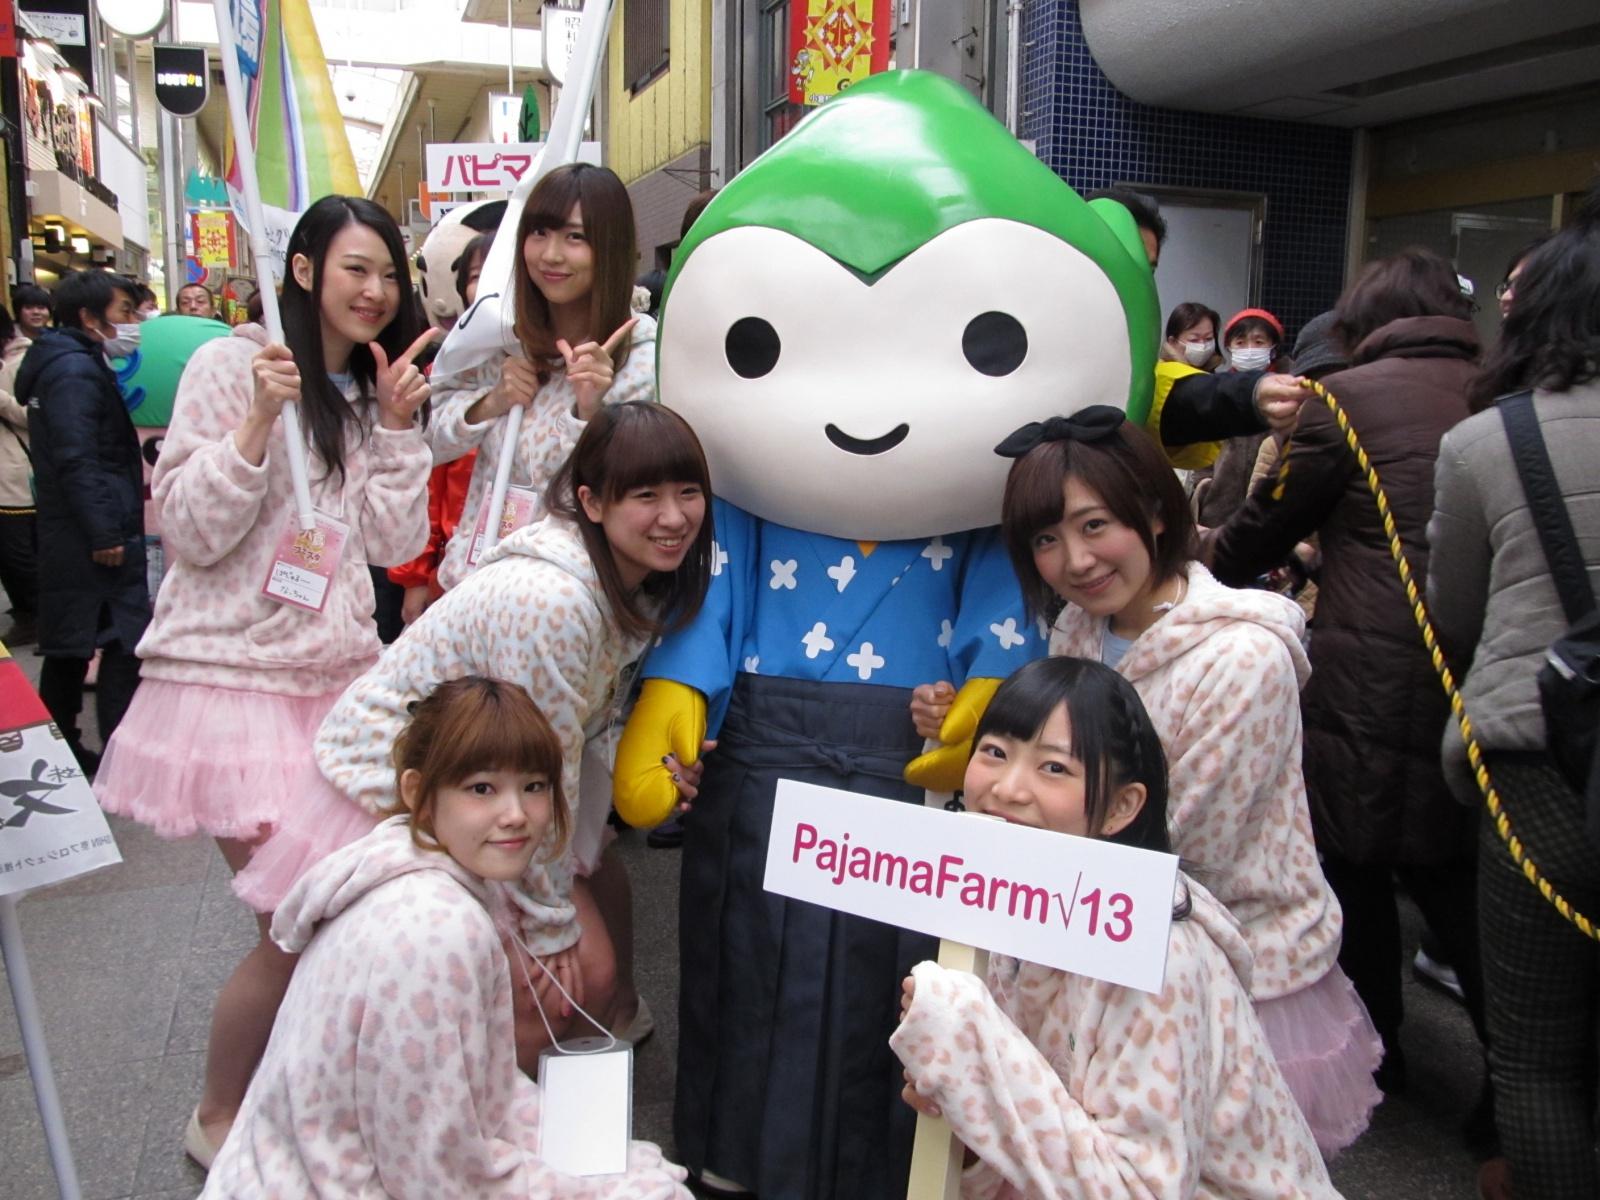 小倉まちじゅうフェスタ2015に行ってきたよ☆彡